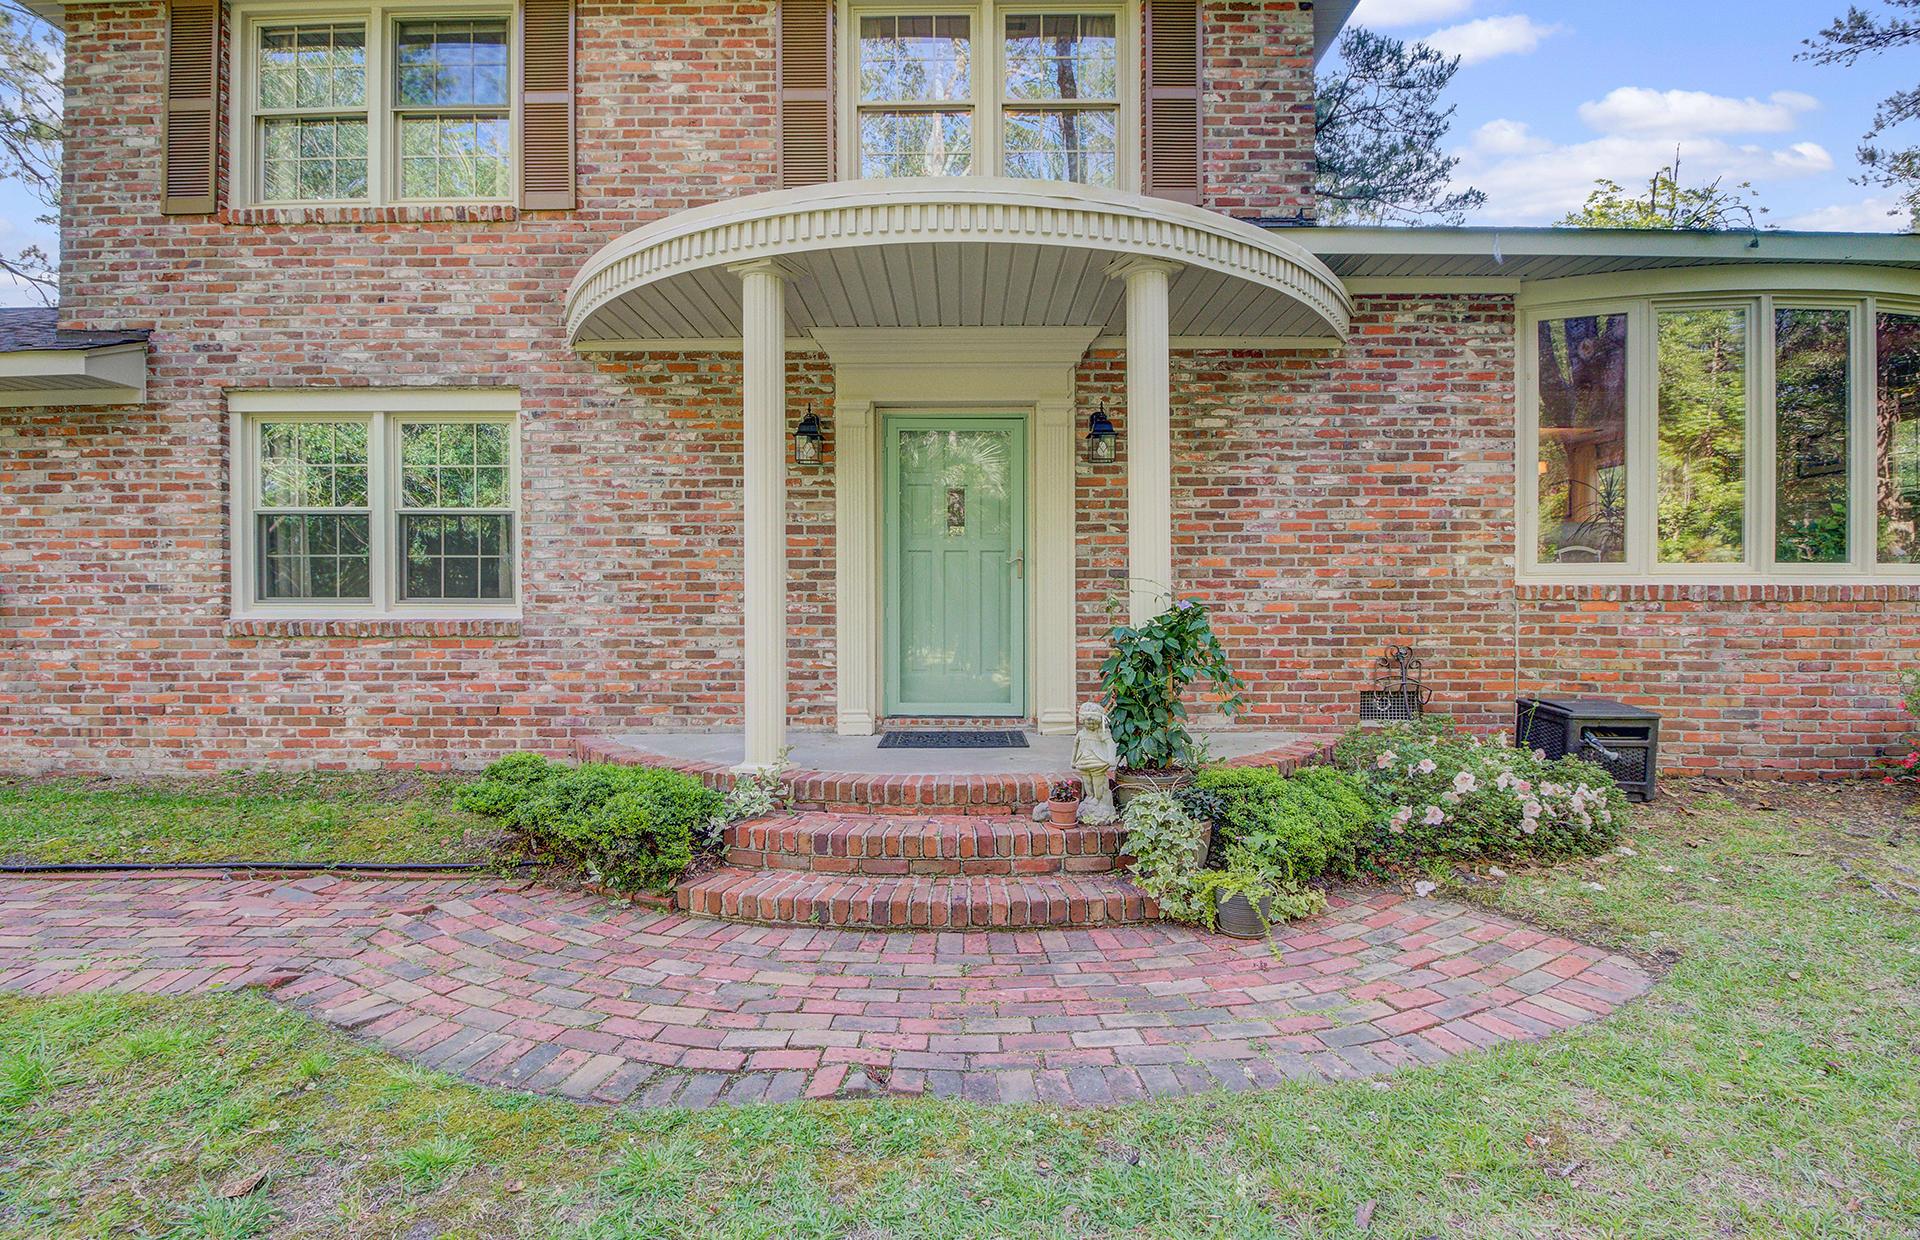 Pine Forest Inn Homes For Sale - 543 Simmons, Summerville, SC - 17